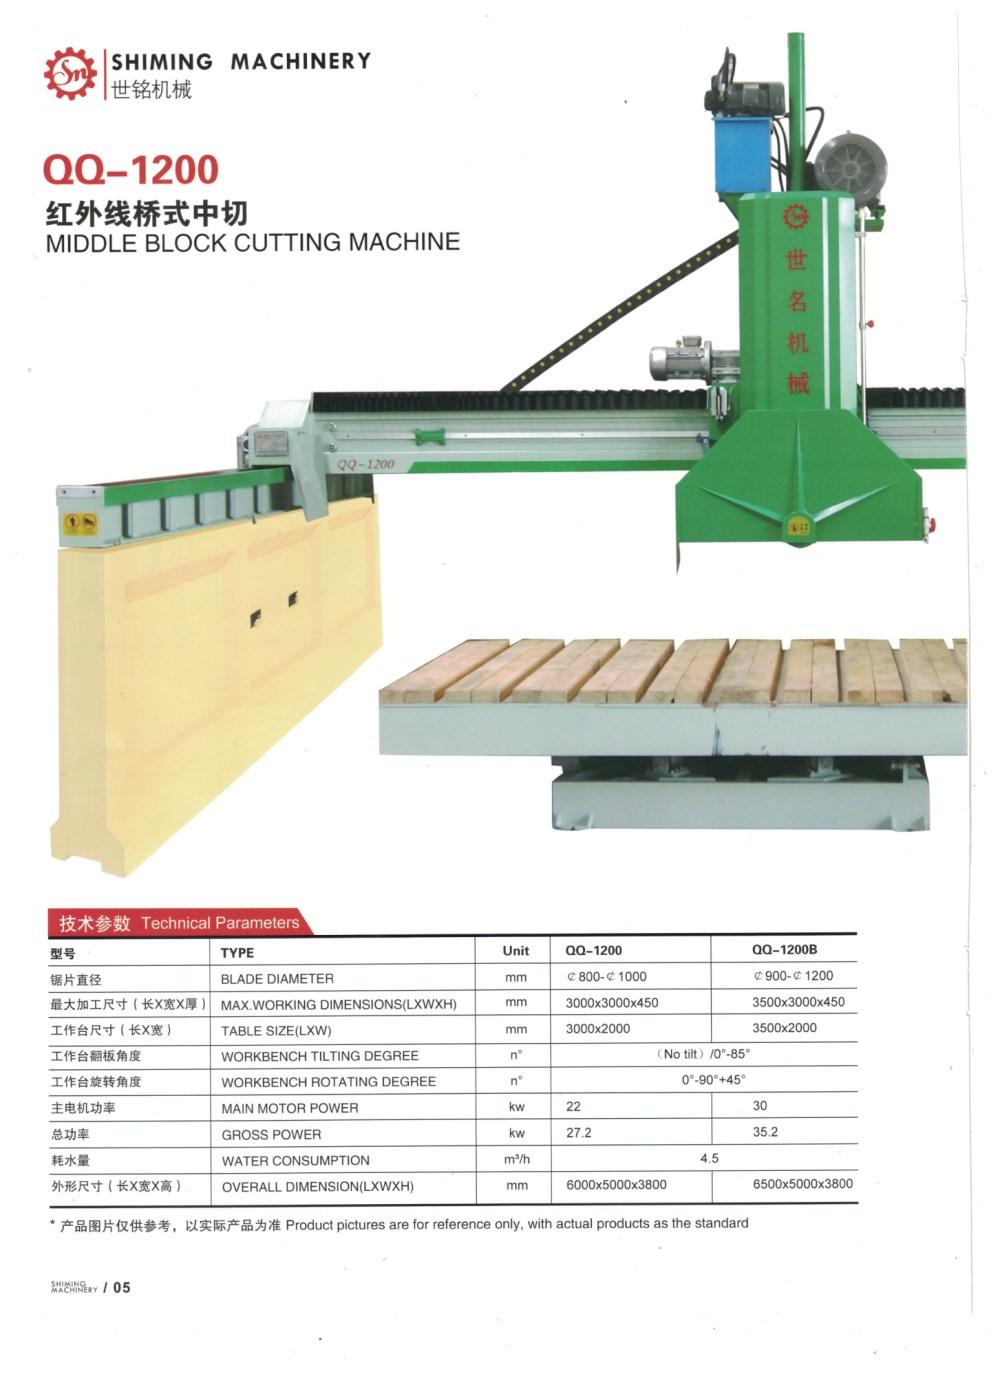 正大石材切割機-世銘機械紅外線切石機行情價格